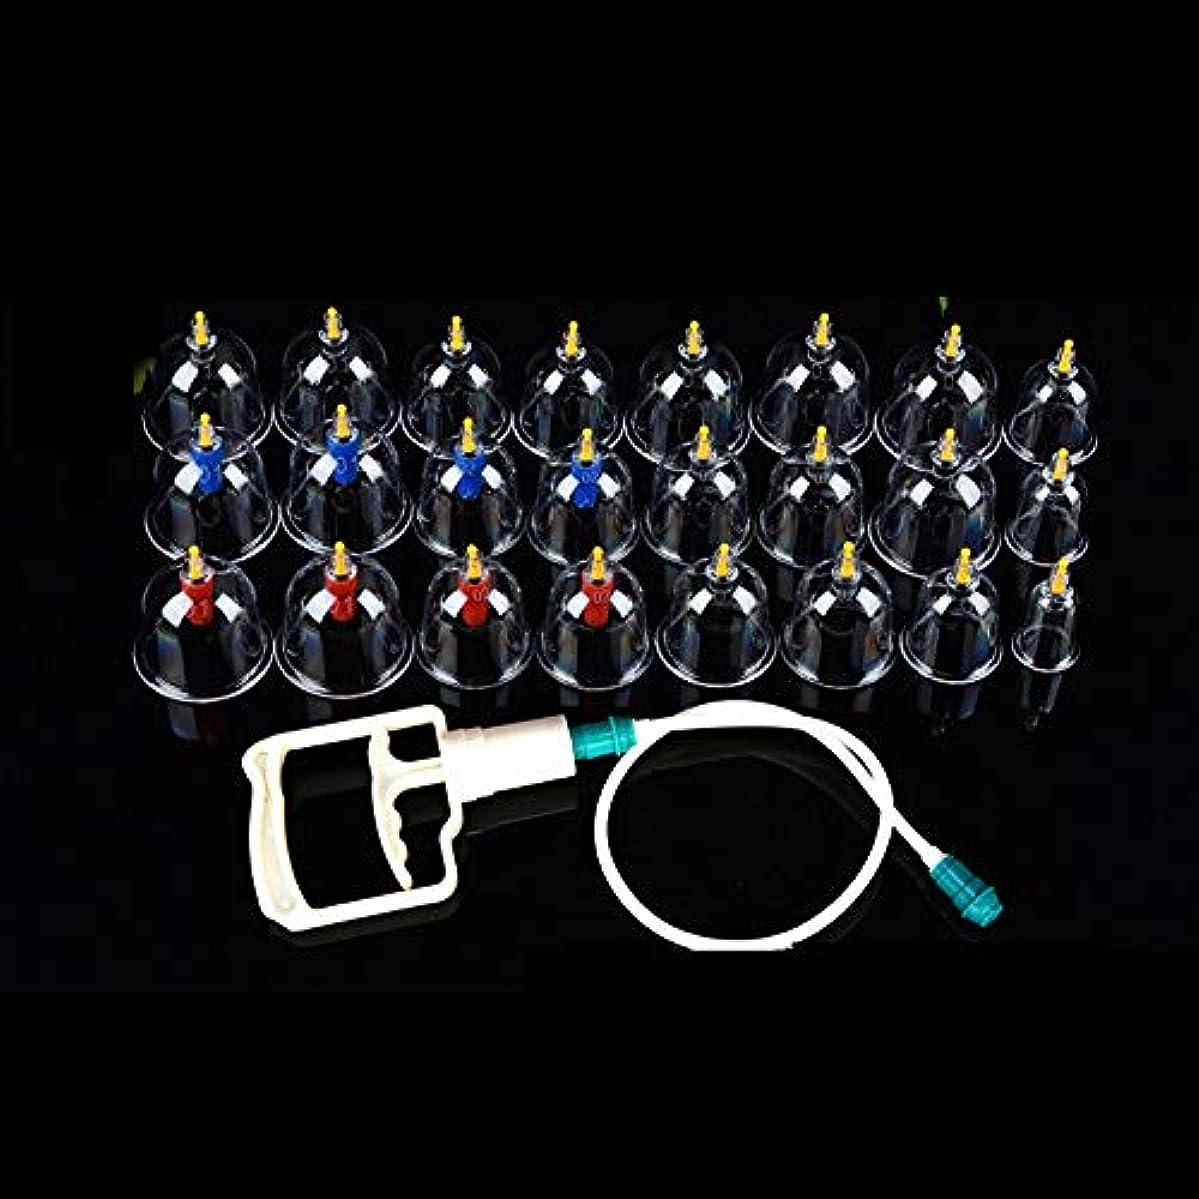 慢フリッパーアルカイックixaer カッピング 吸い玉 カッピング セット真空マッサージ吸い玉 マッサージカップ マッサージセラピー 中国式療法 圧力解消 血液の循環を促進 マッサージ効果 (24個セット)